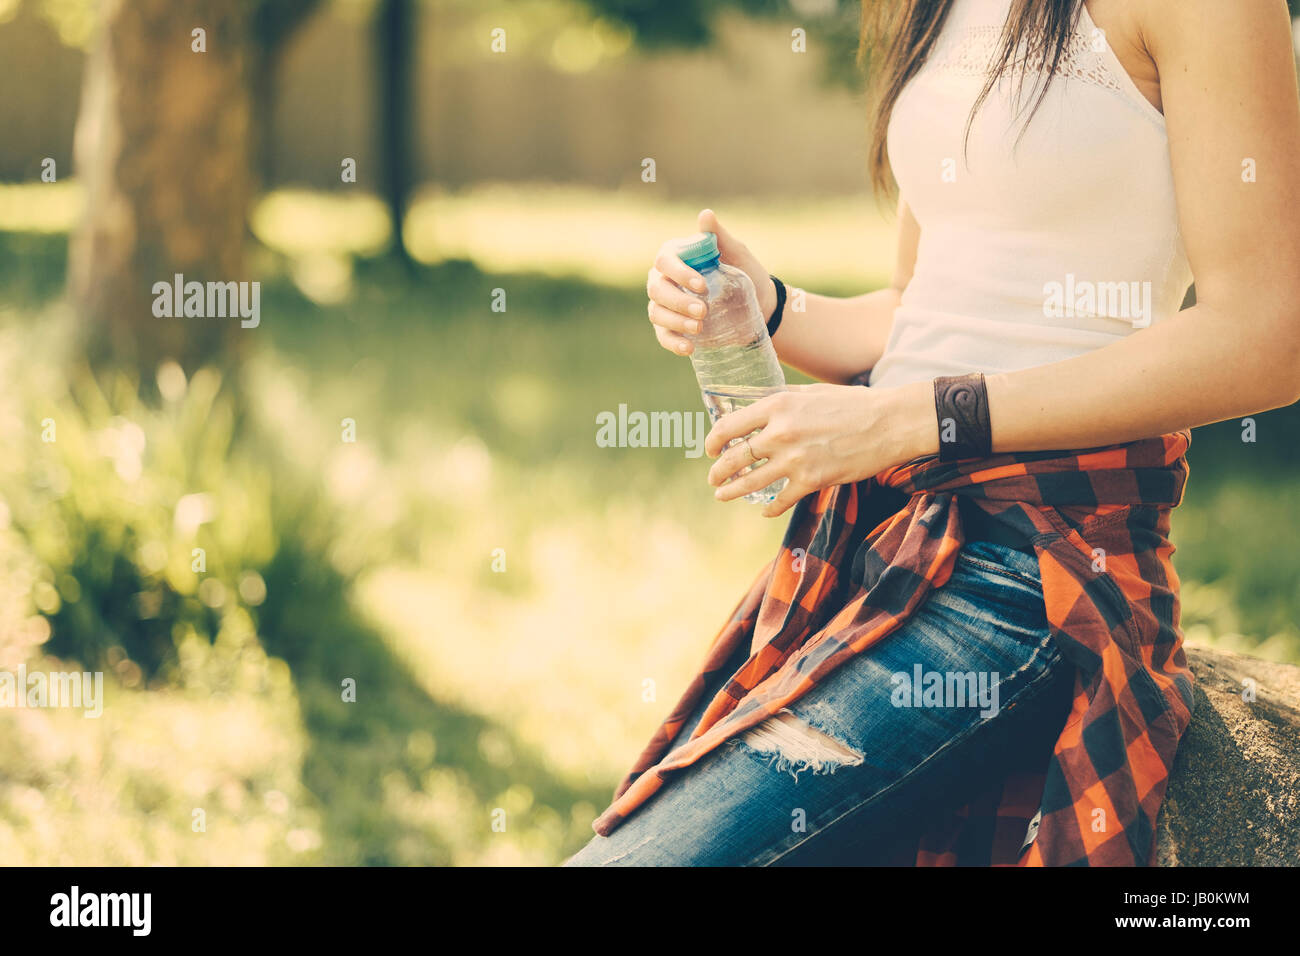 L'été Festival woman outdoors Photo Stock